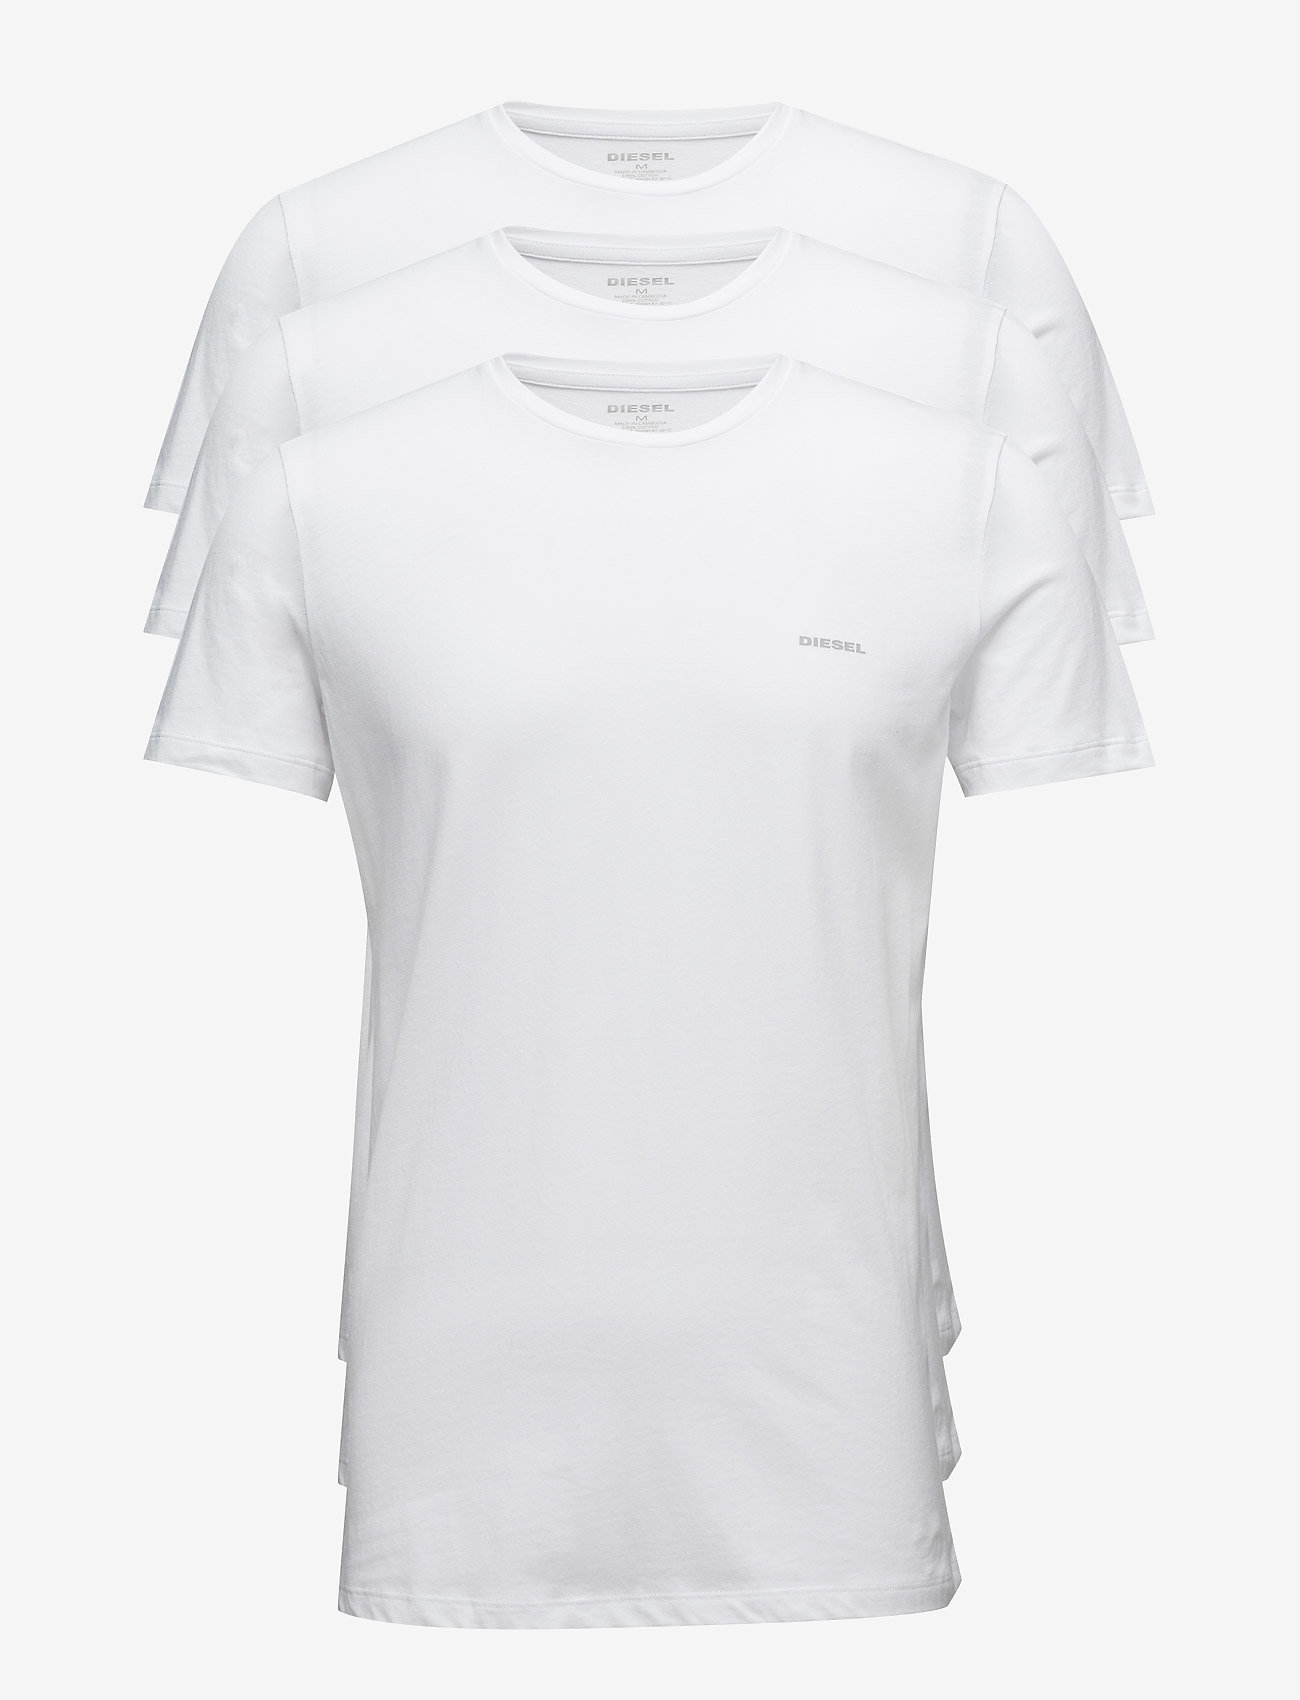 Diesel Men - UMTEE-JAKETHREEPACK  T-SHIRT - multipack - bright white - 0